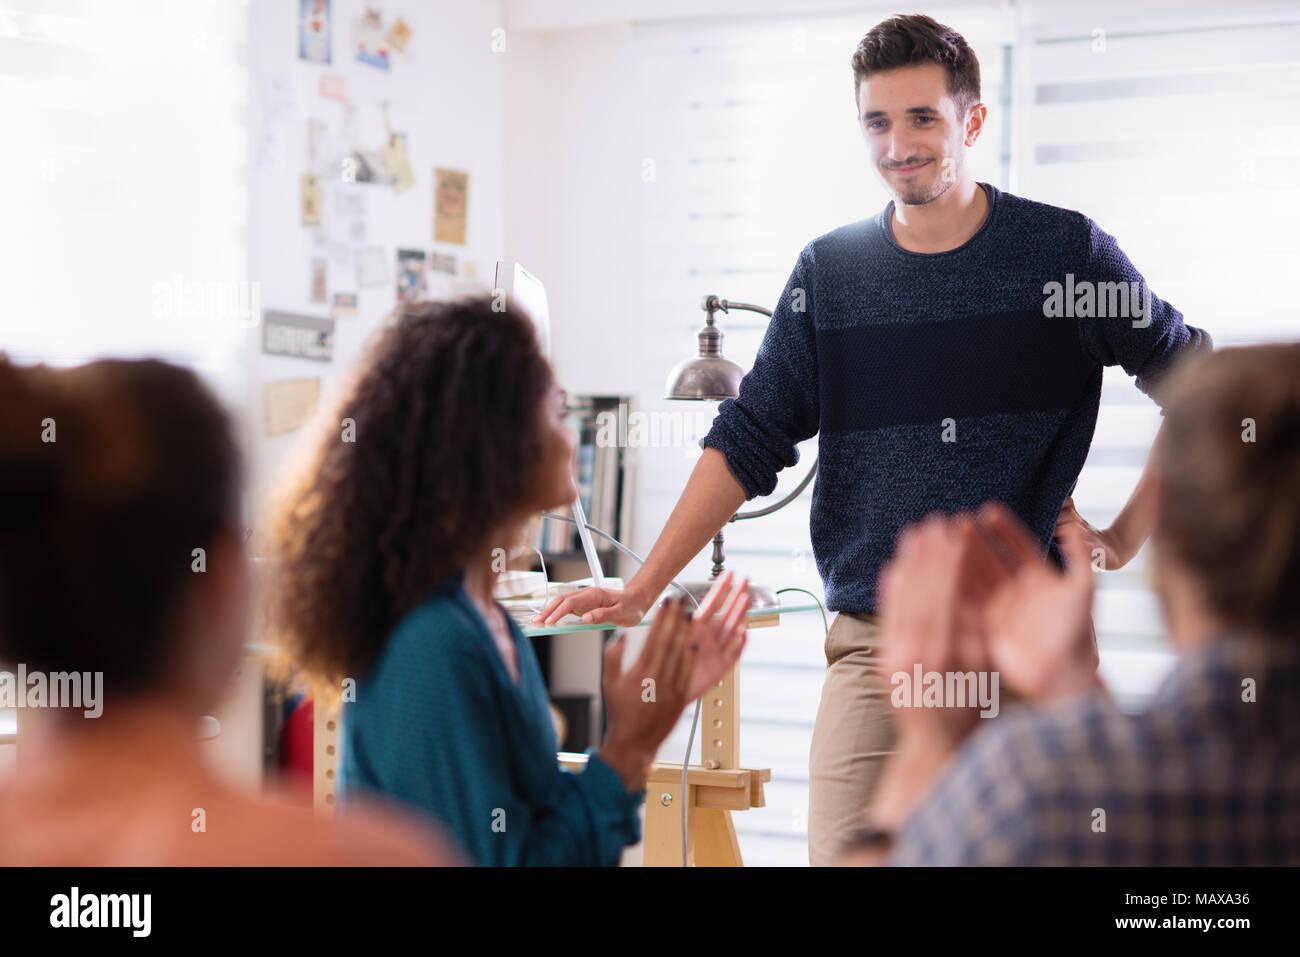 En la reunión. Un hombre joven presentando su proyecto. Él es aplaudido Foto de stock